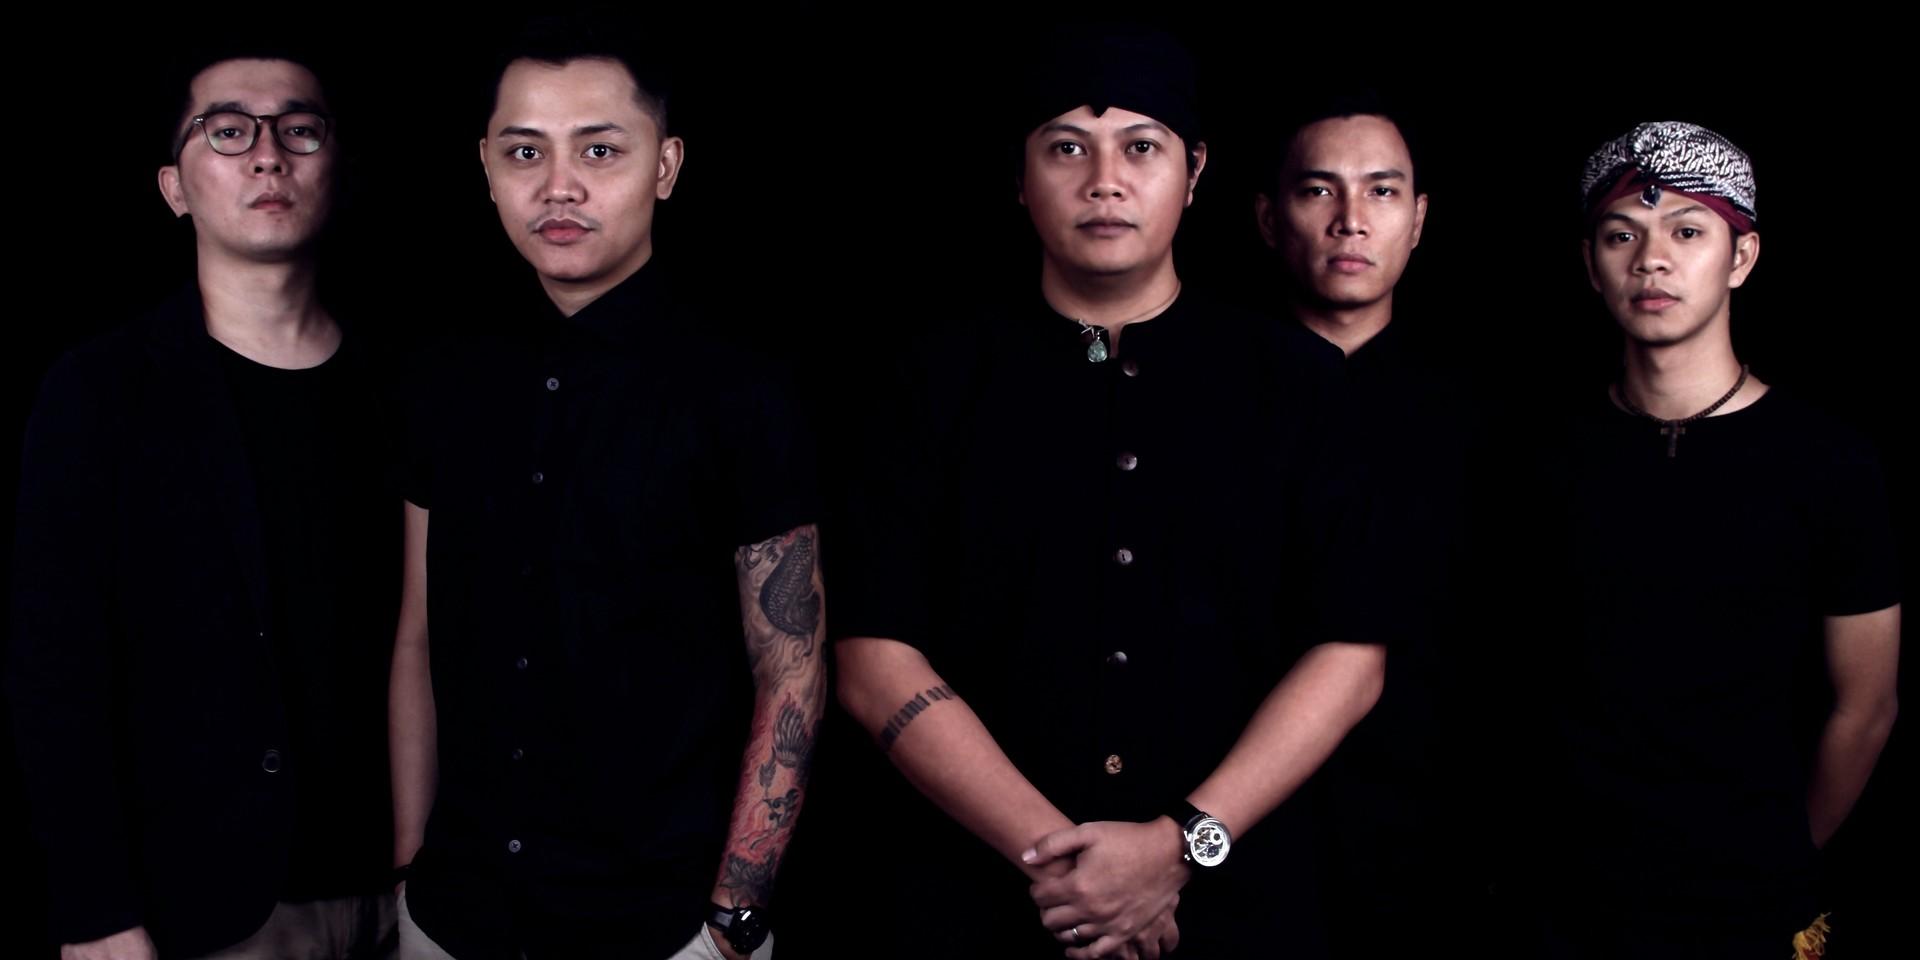 Indonesian folk band Barong Nusantara return with two new singles